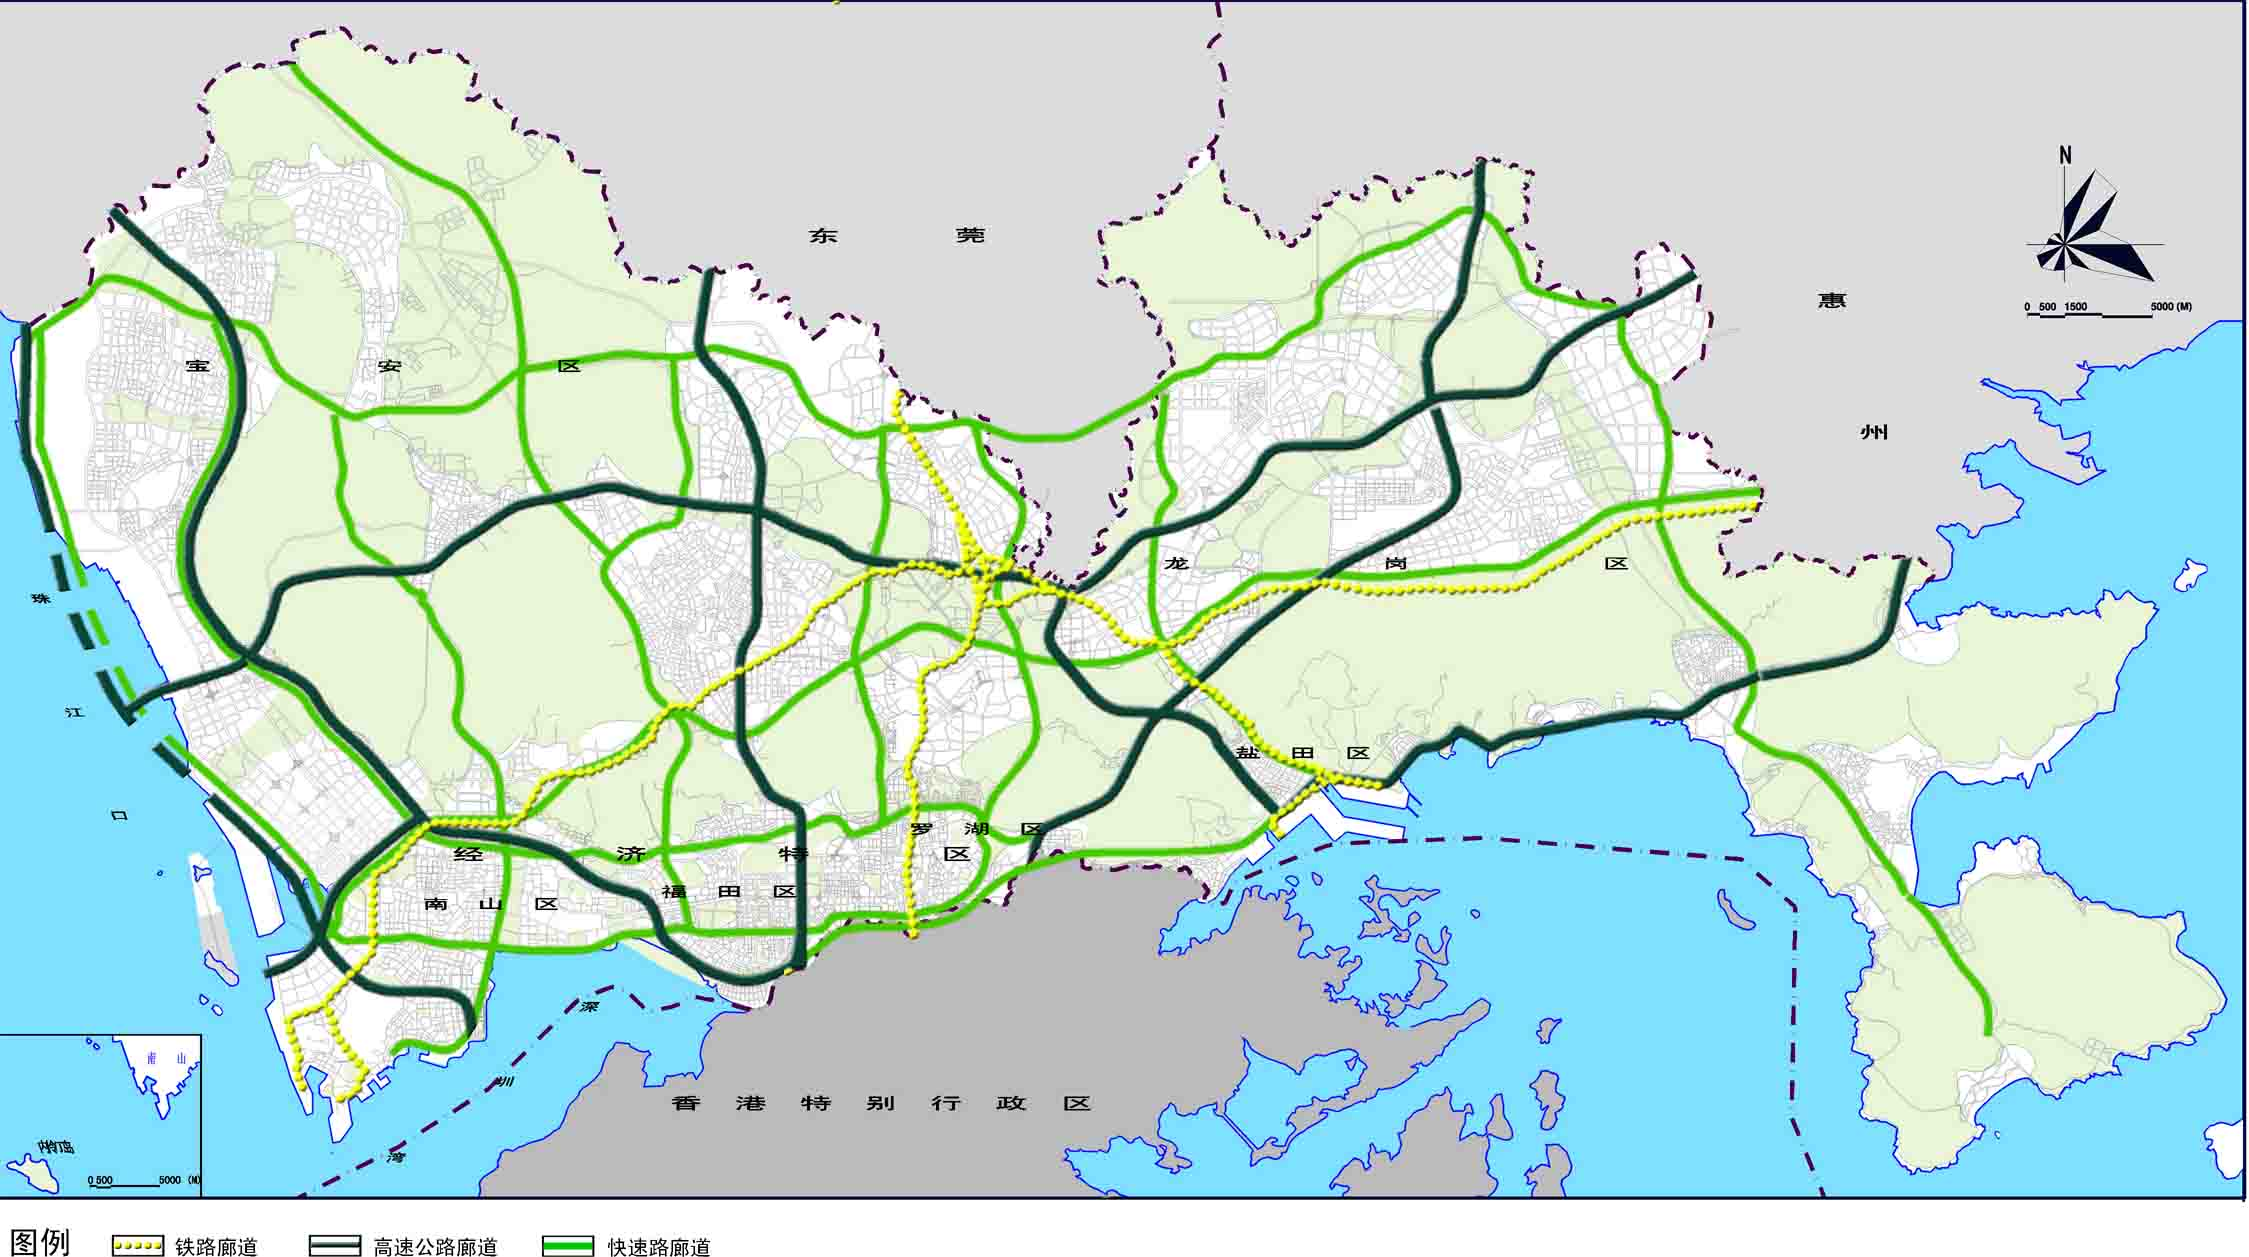 铁路,高速公路